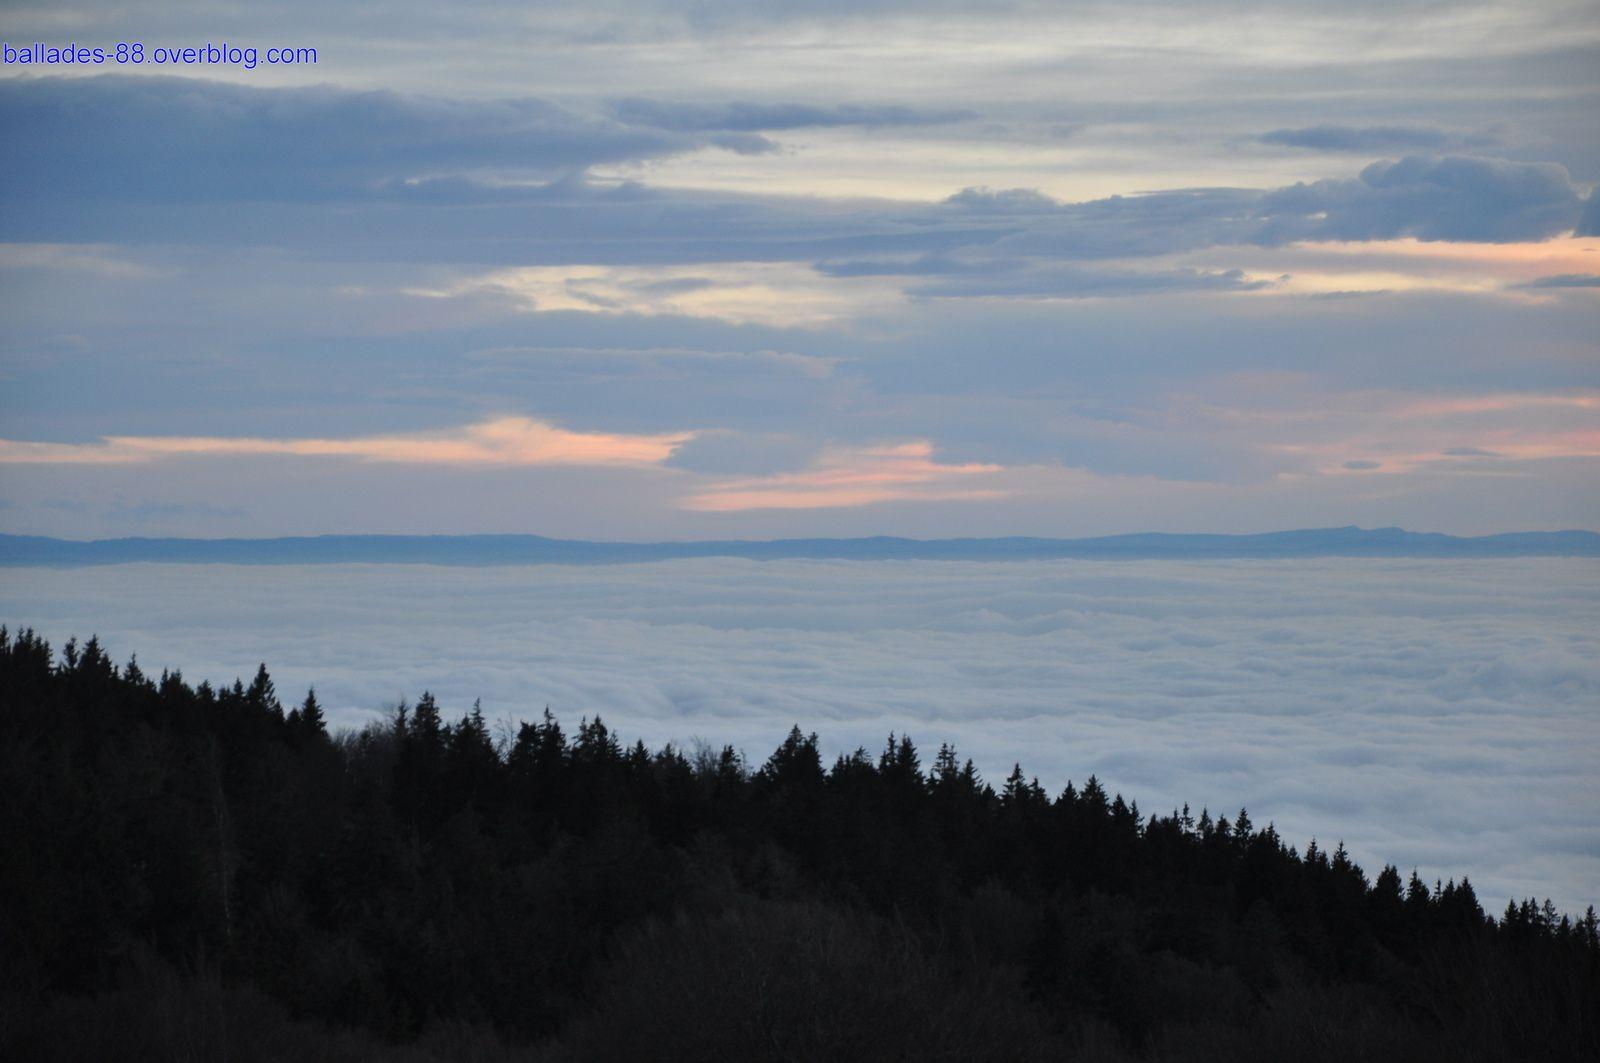 Coucher de soleil et mer de nuages au Ballon d'Alsace